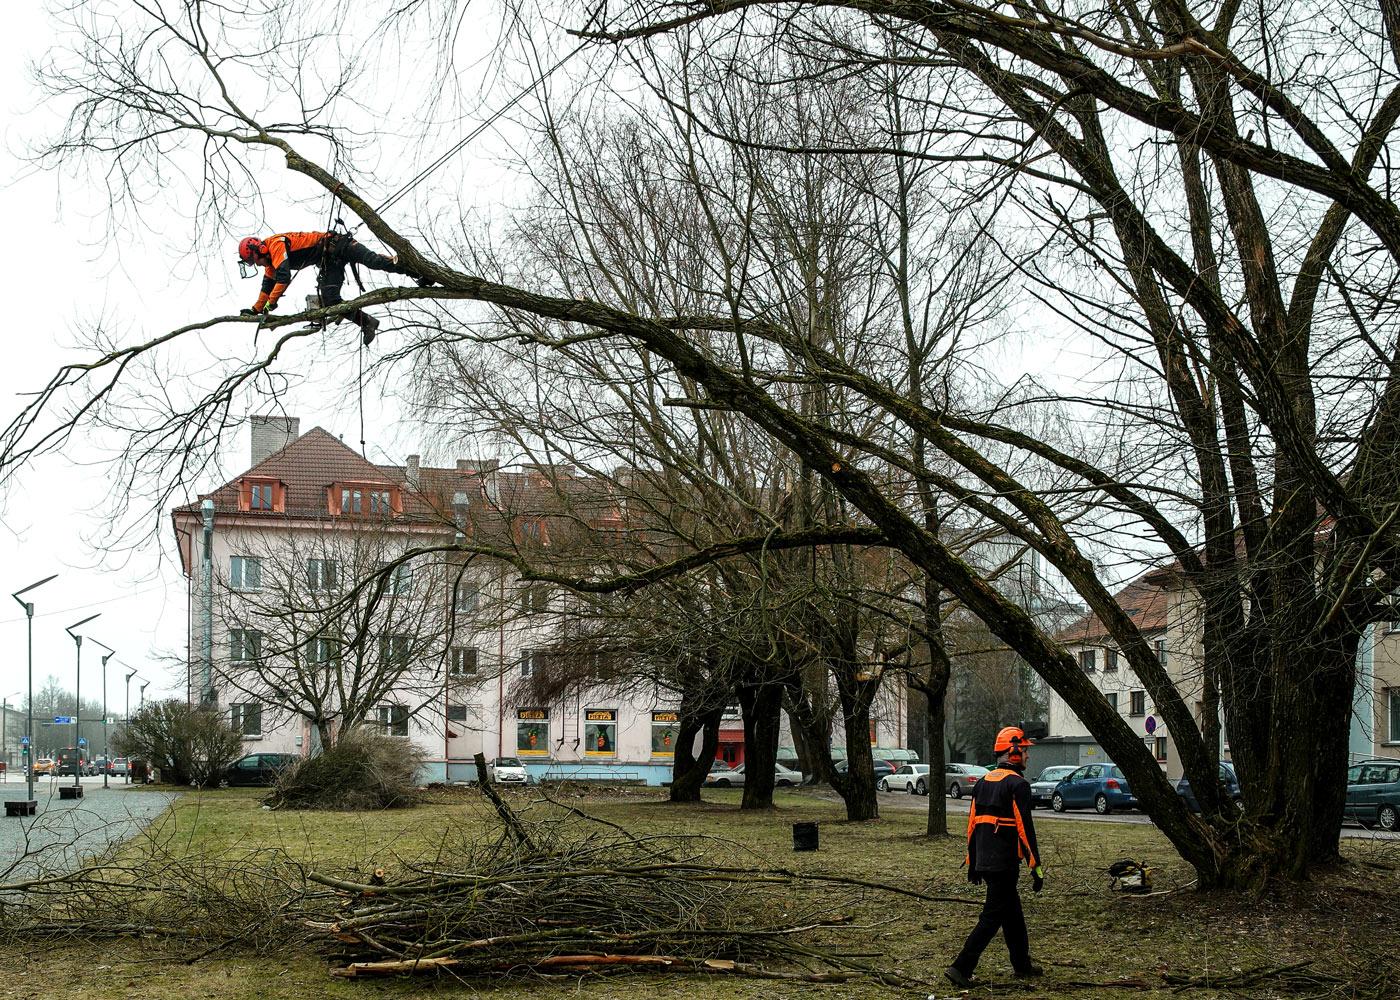 Puude hooldus linnas.